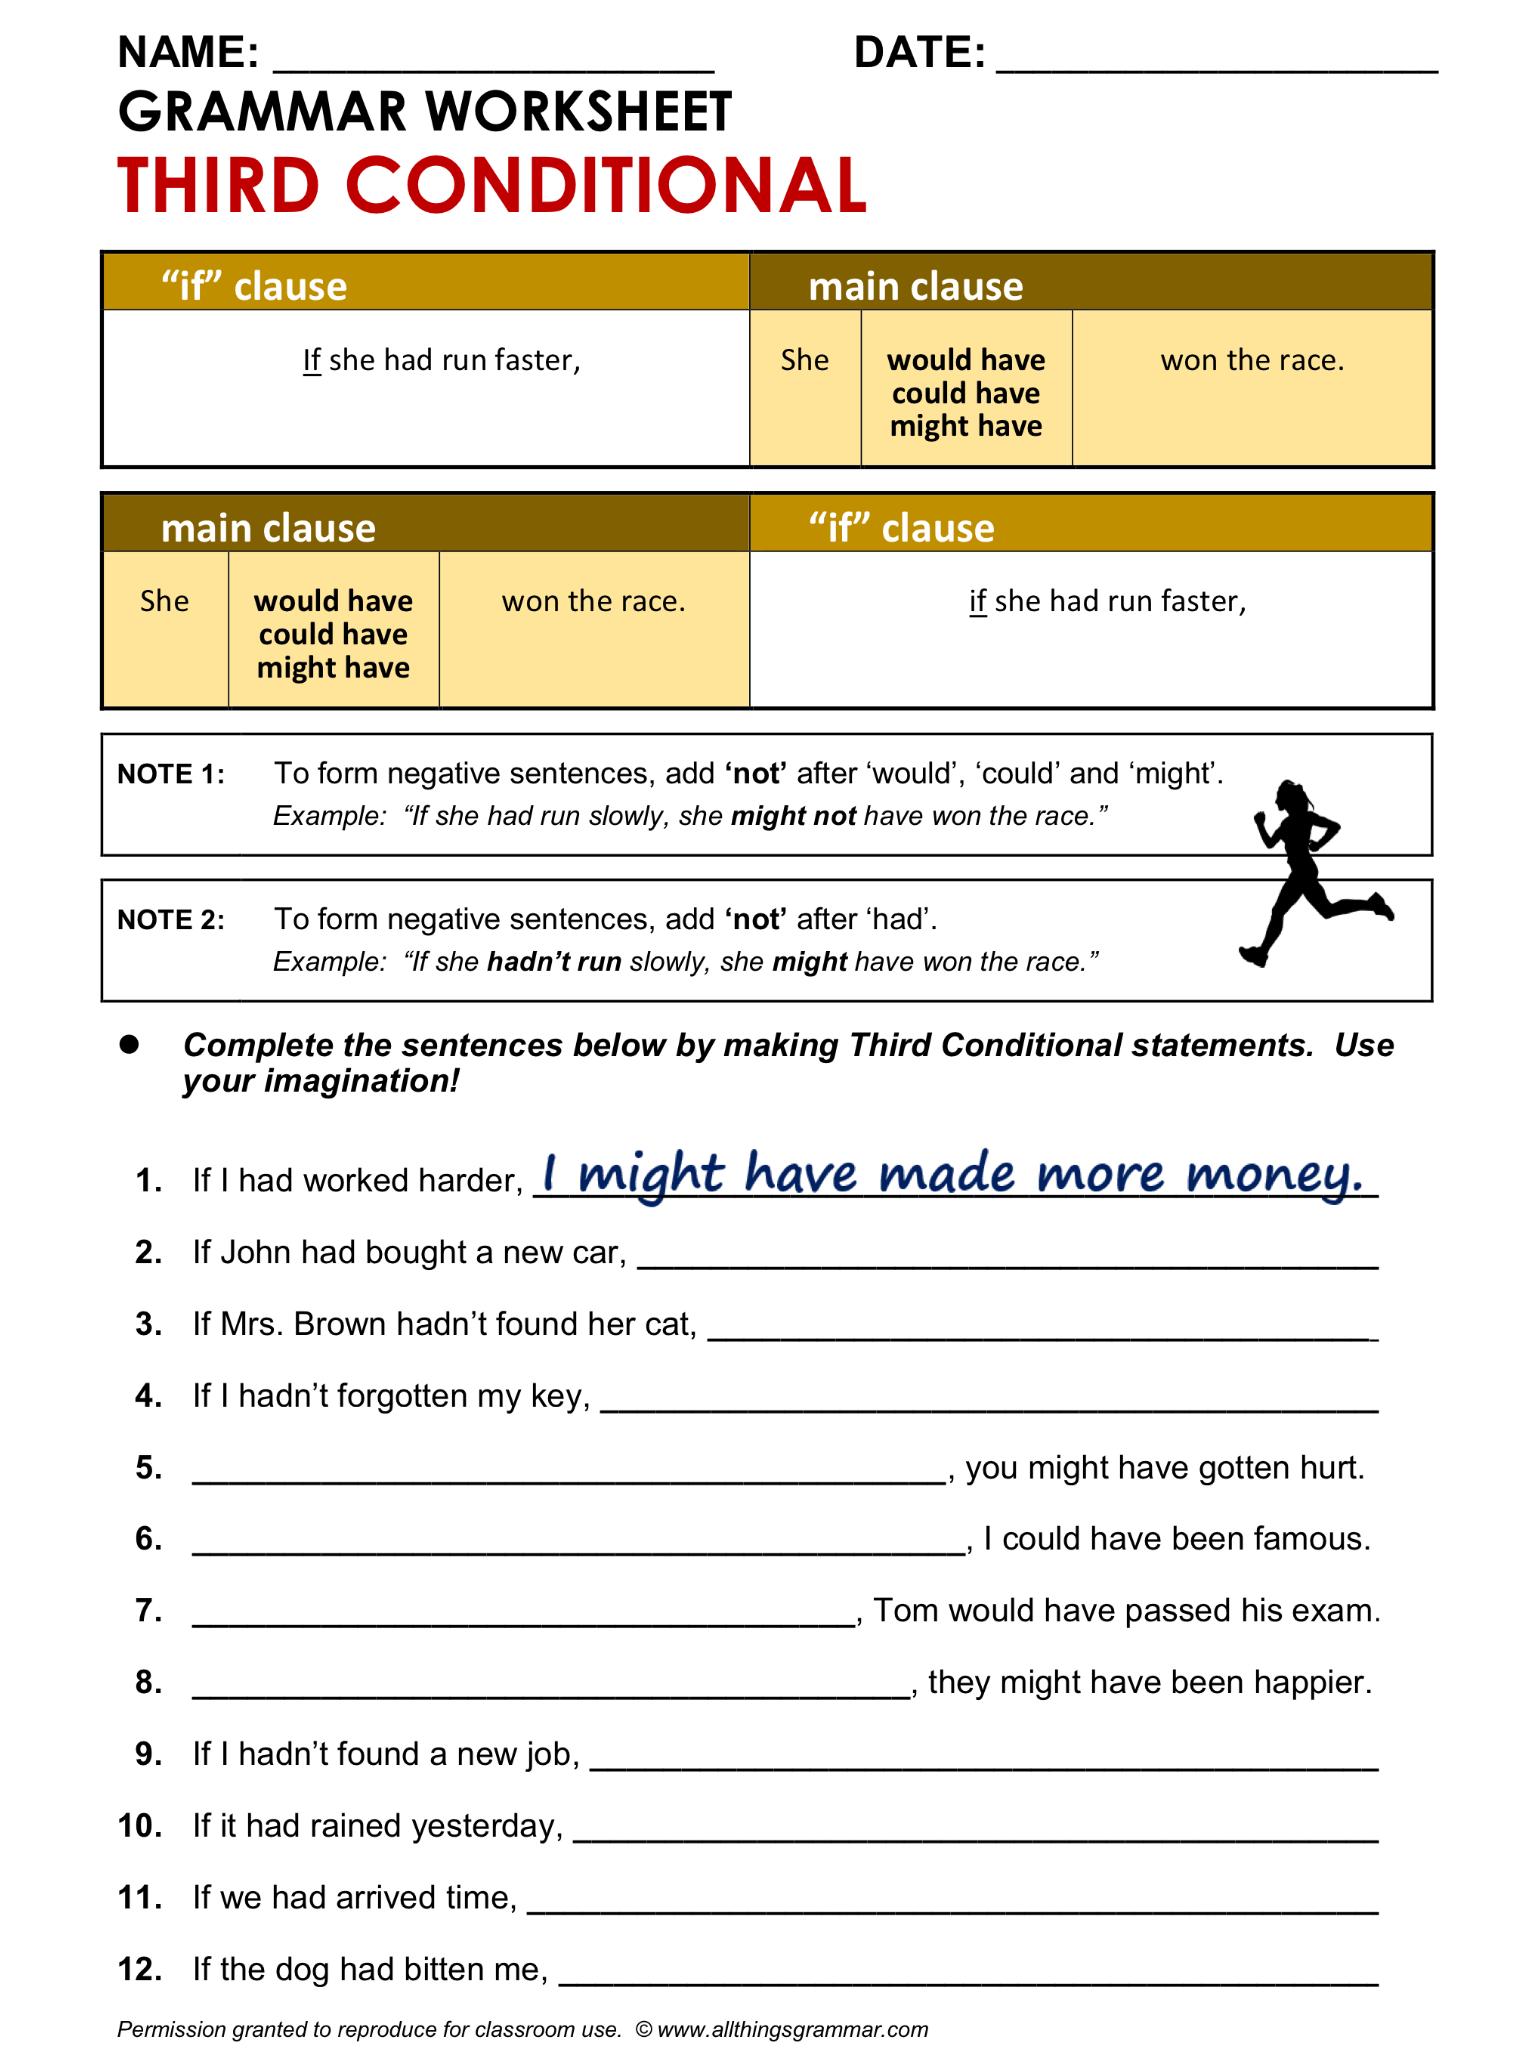 English Grammar Worksheet Third Conditional 1 2